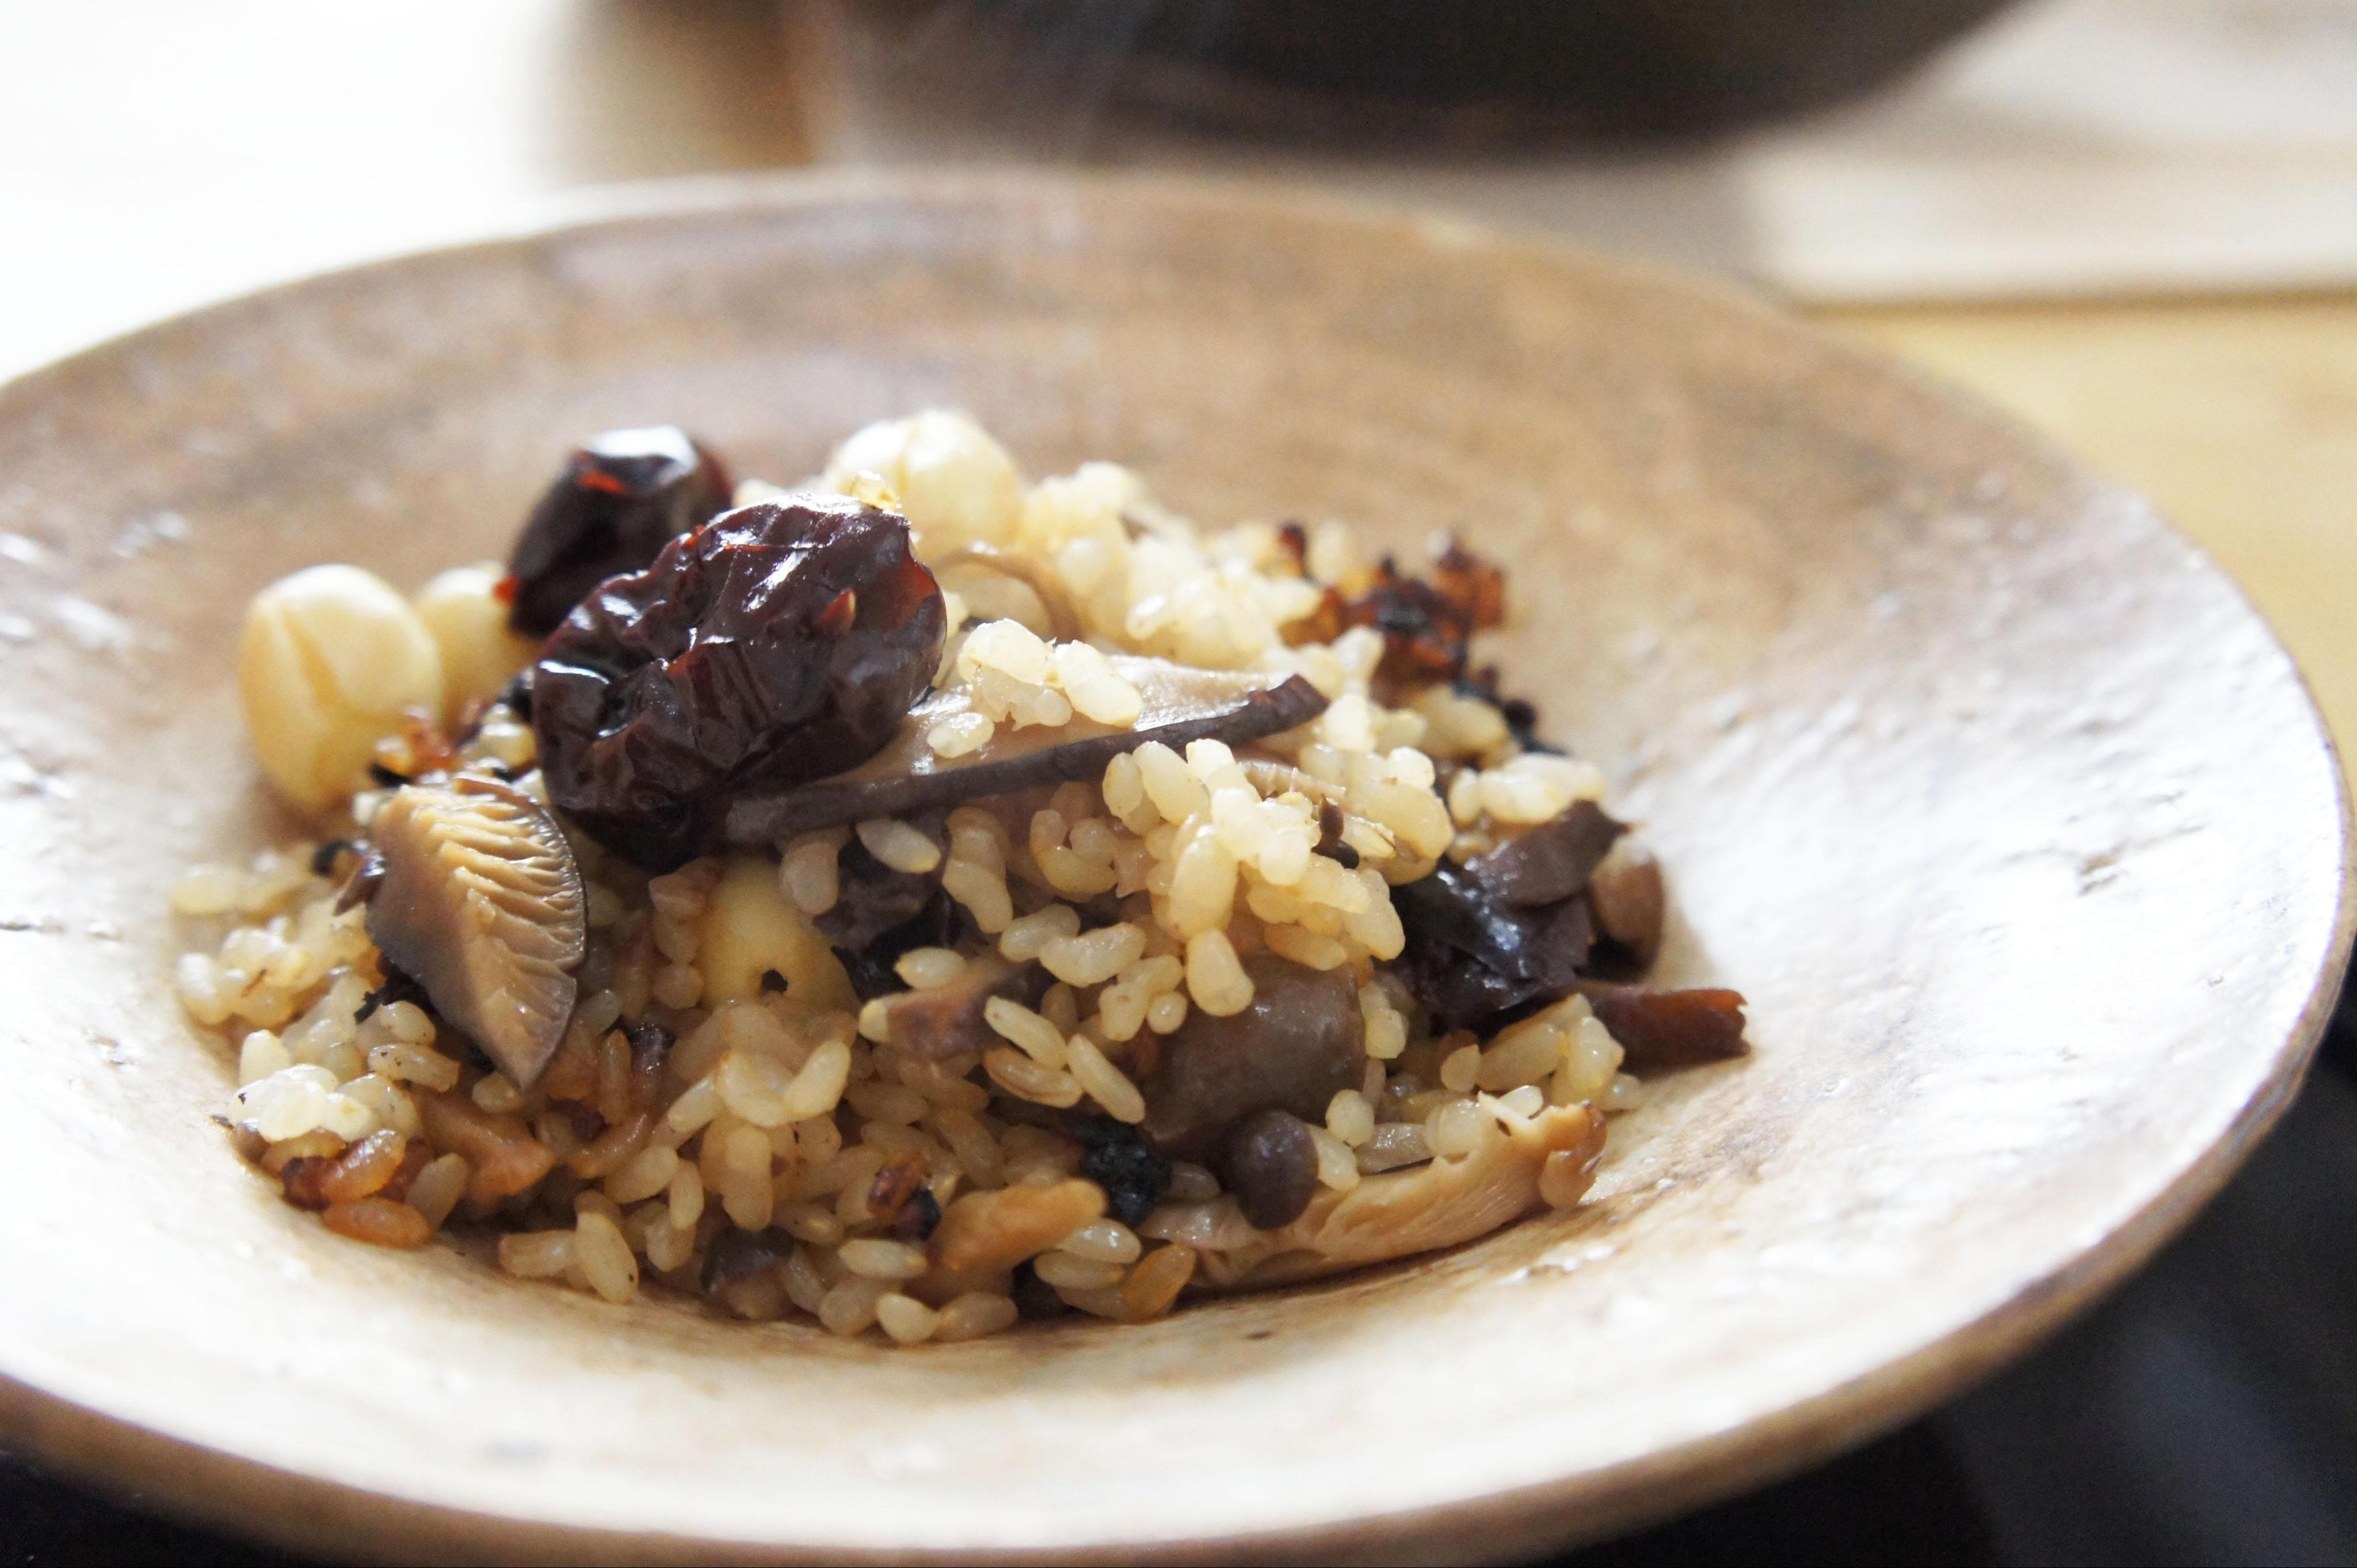 気を補う蓮の実ときのこの玄米炊き込みご飯